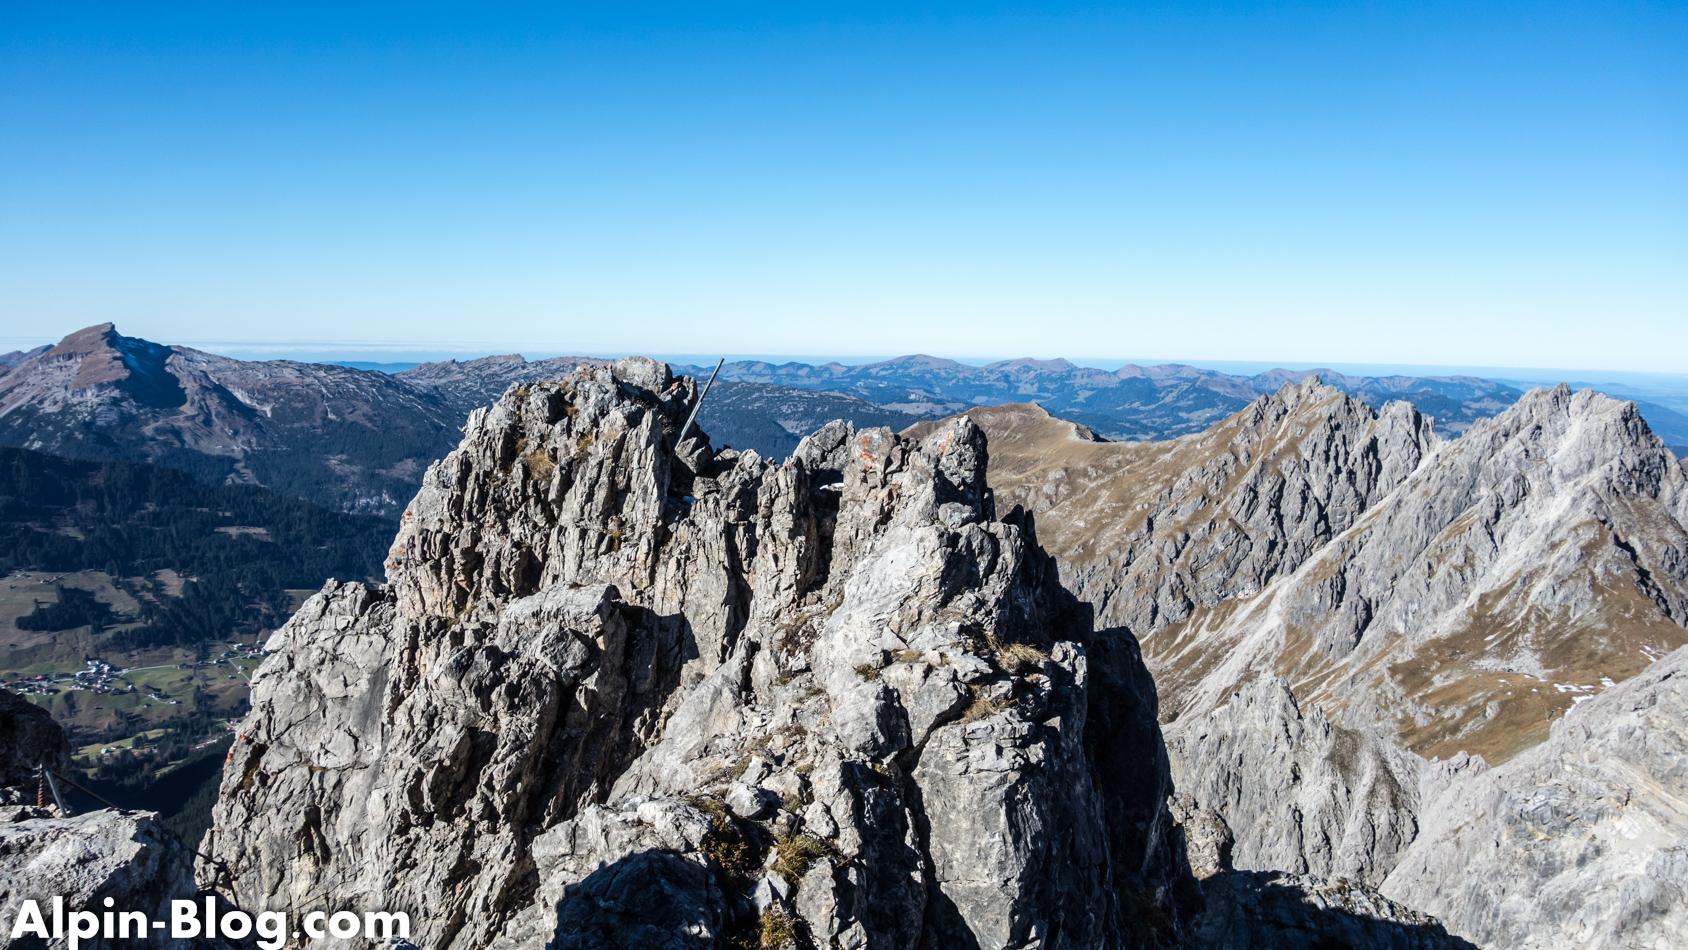 Klettersteig Deutschland : Klettersteigführer deutschland alpinverlag